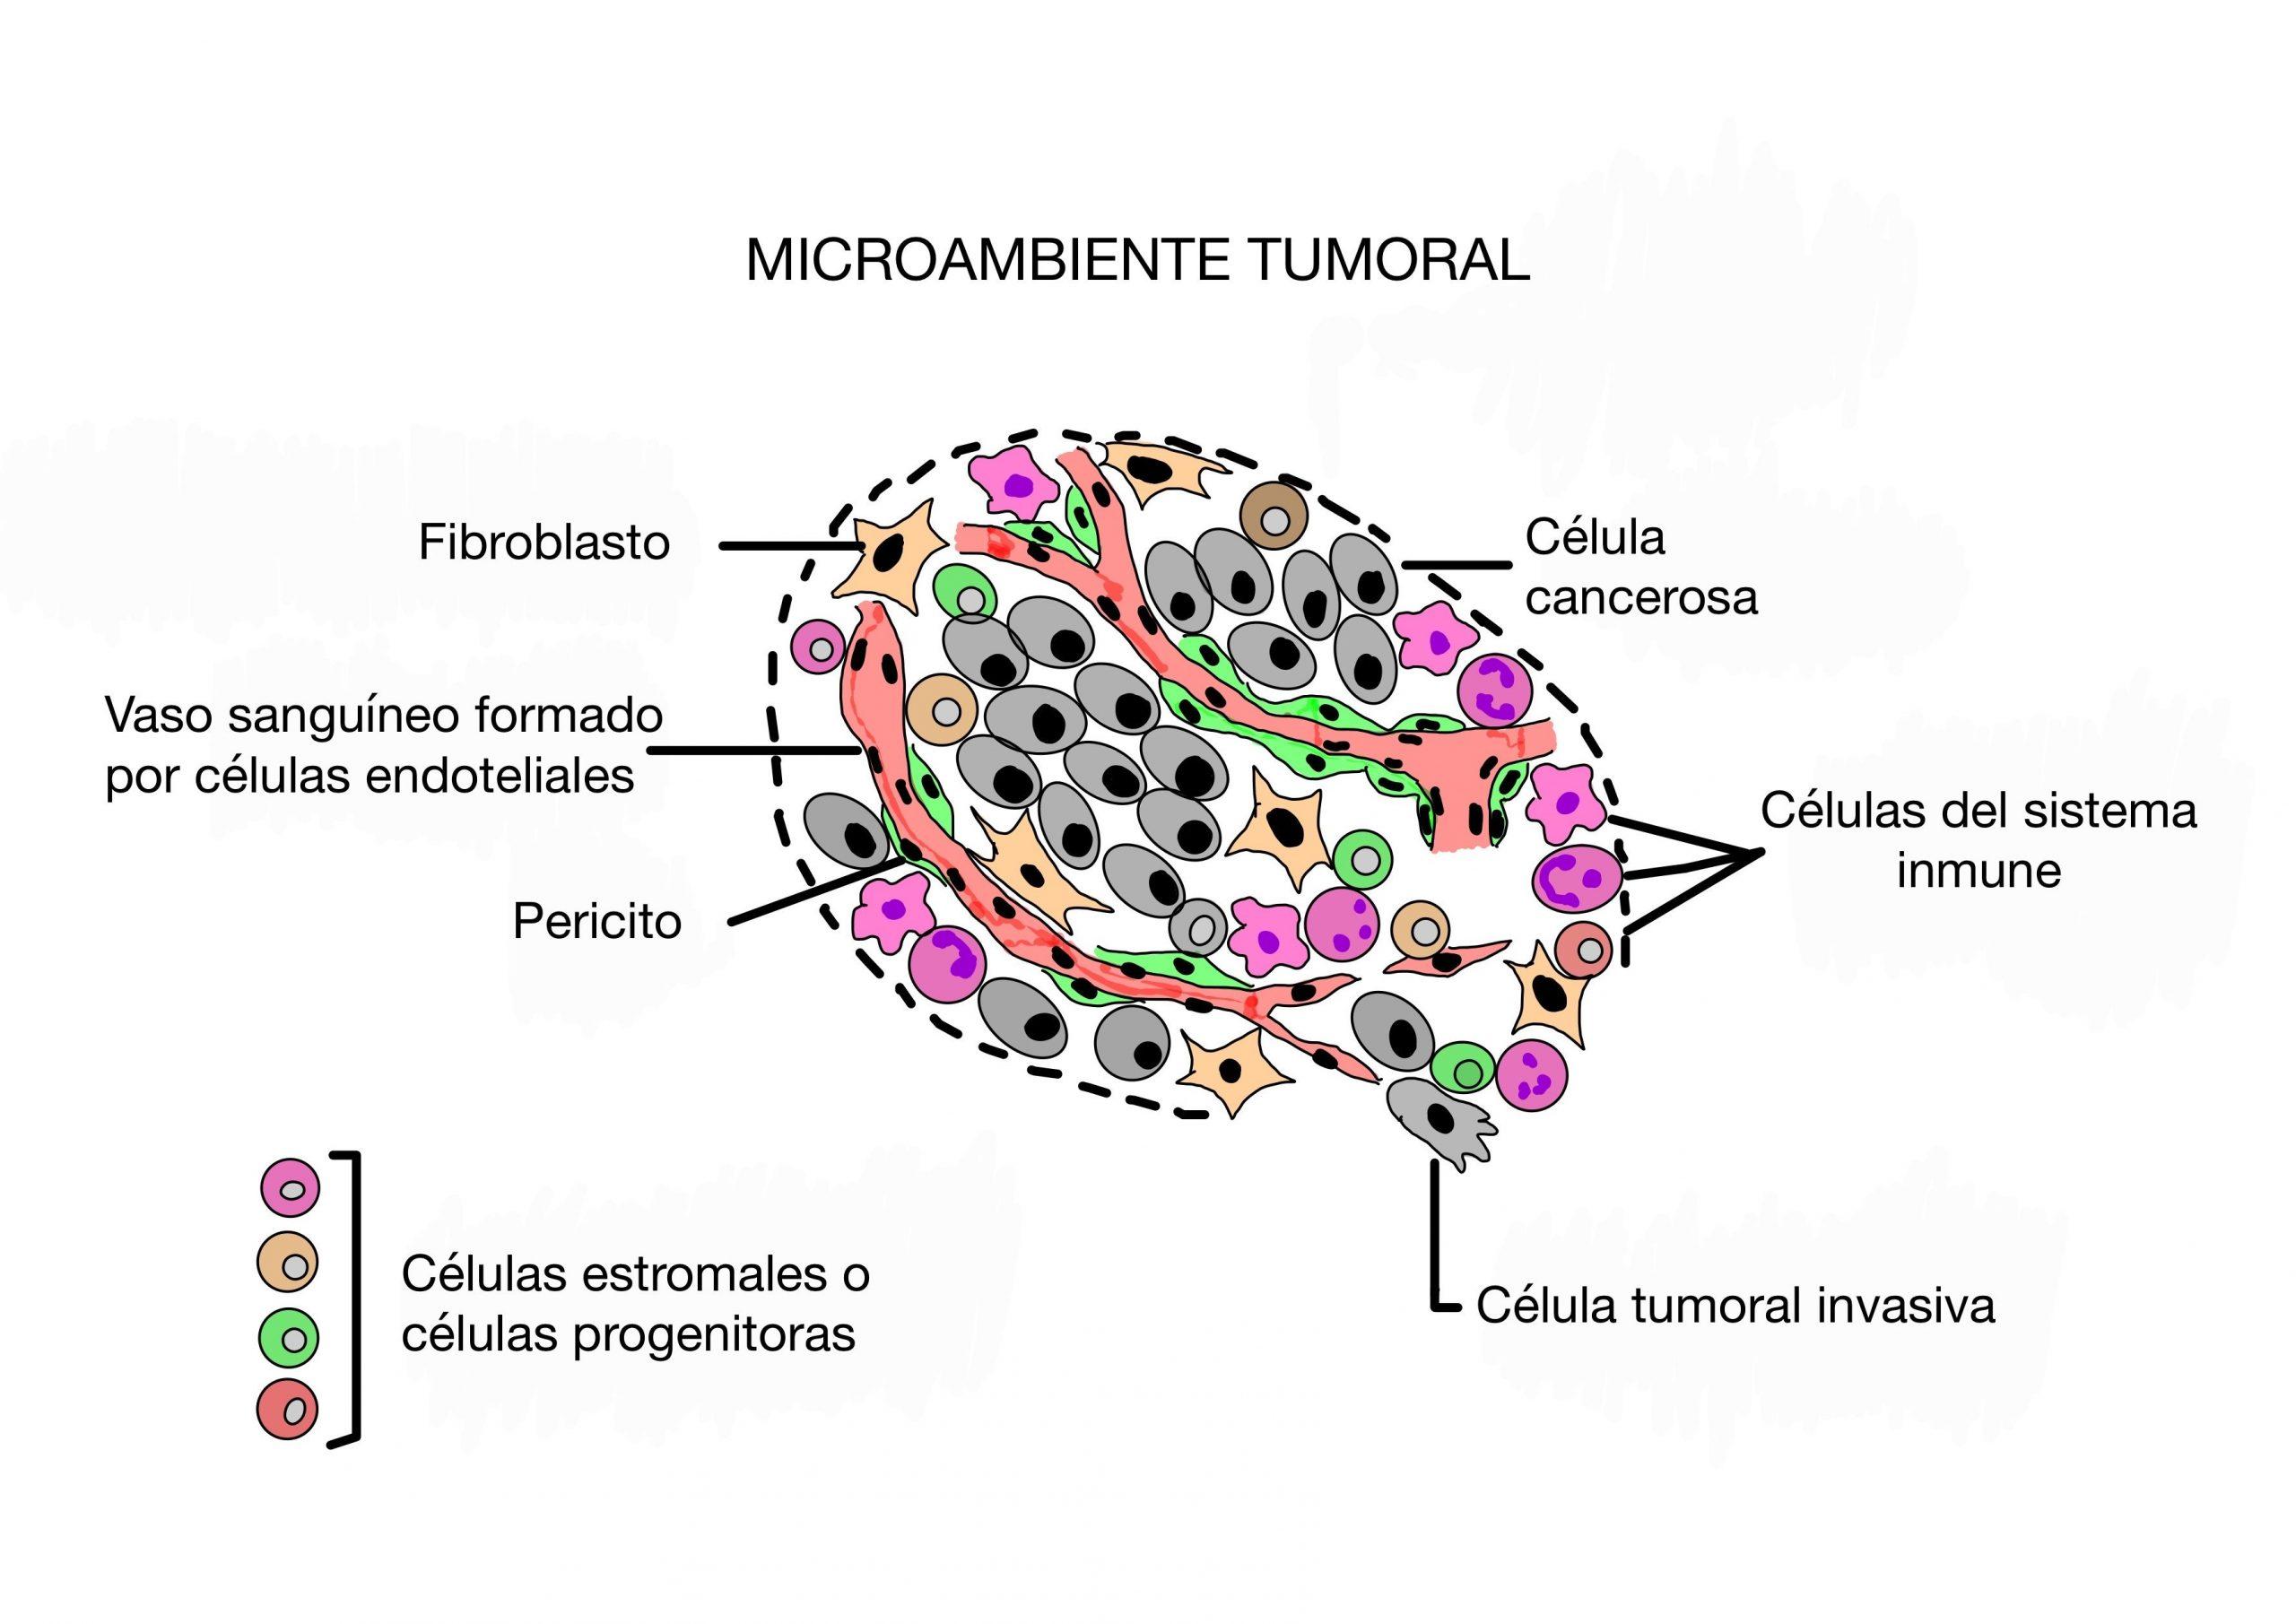 procesos comunes implicados en el cáncer